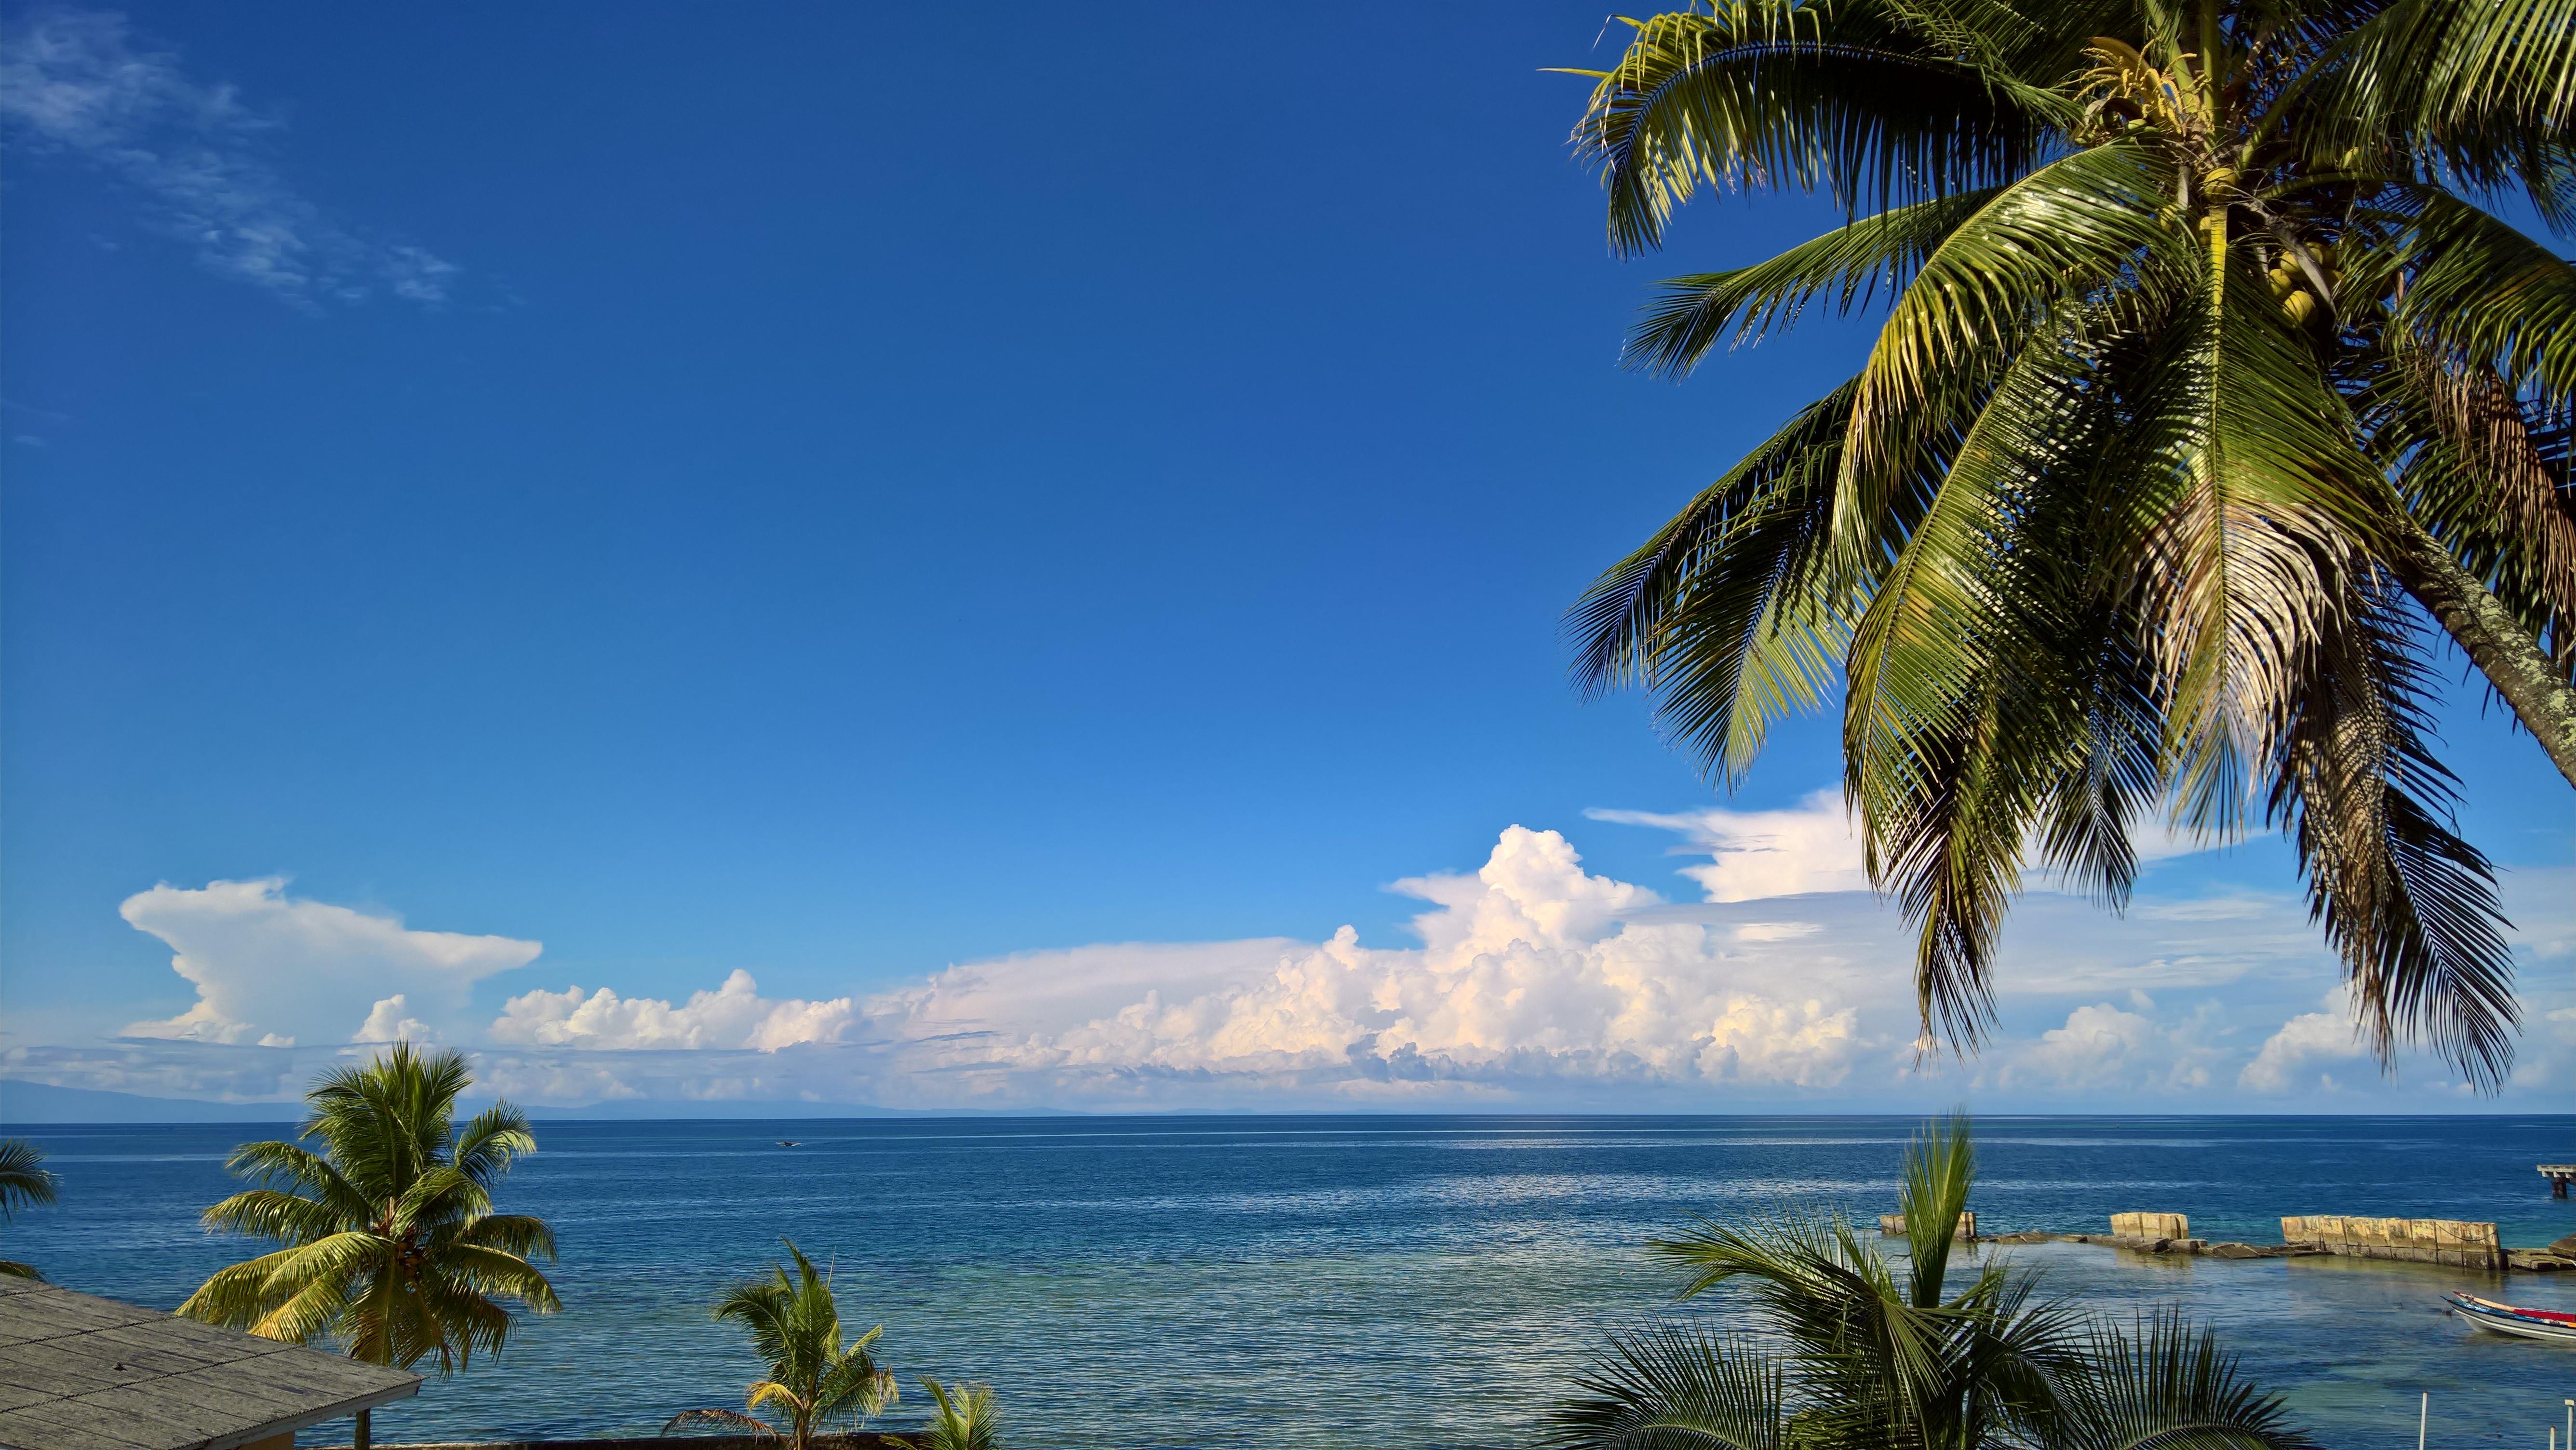 Immagini Belle Nube Cielo Mare Noce Di Cocco Natura Chiaro